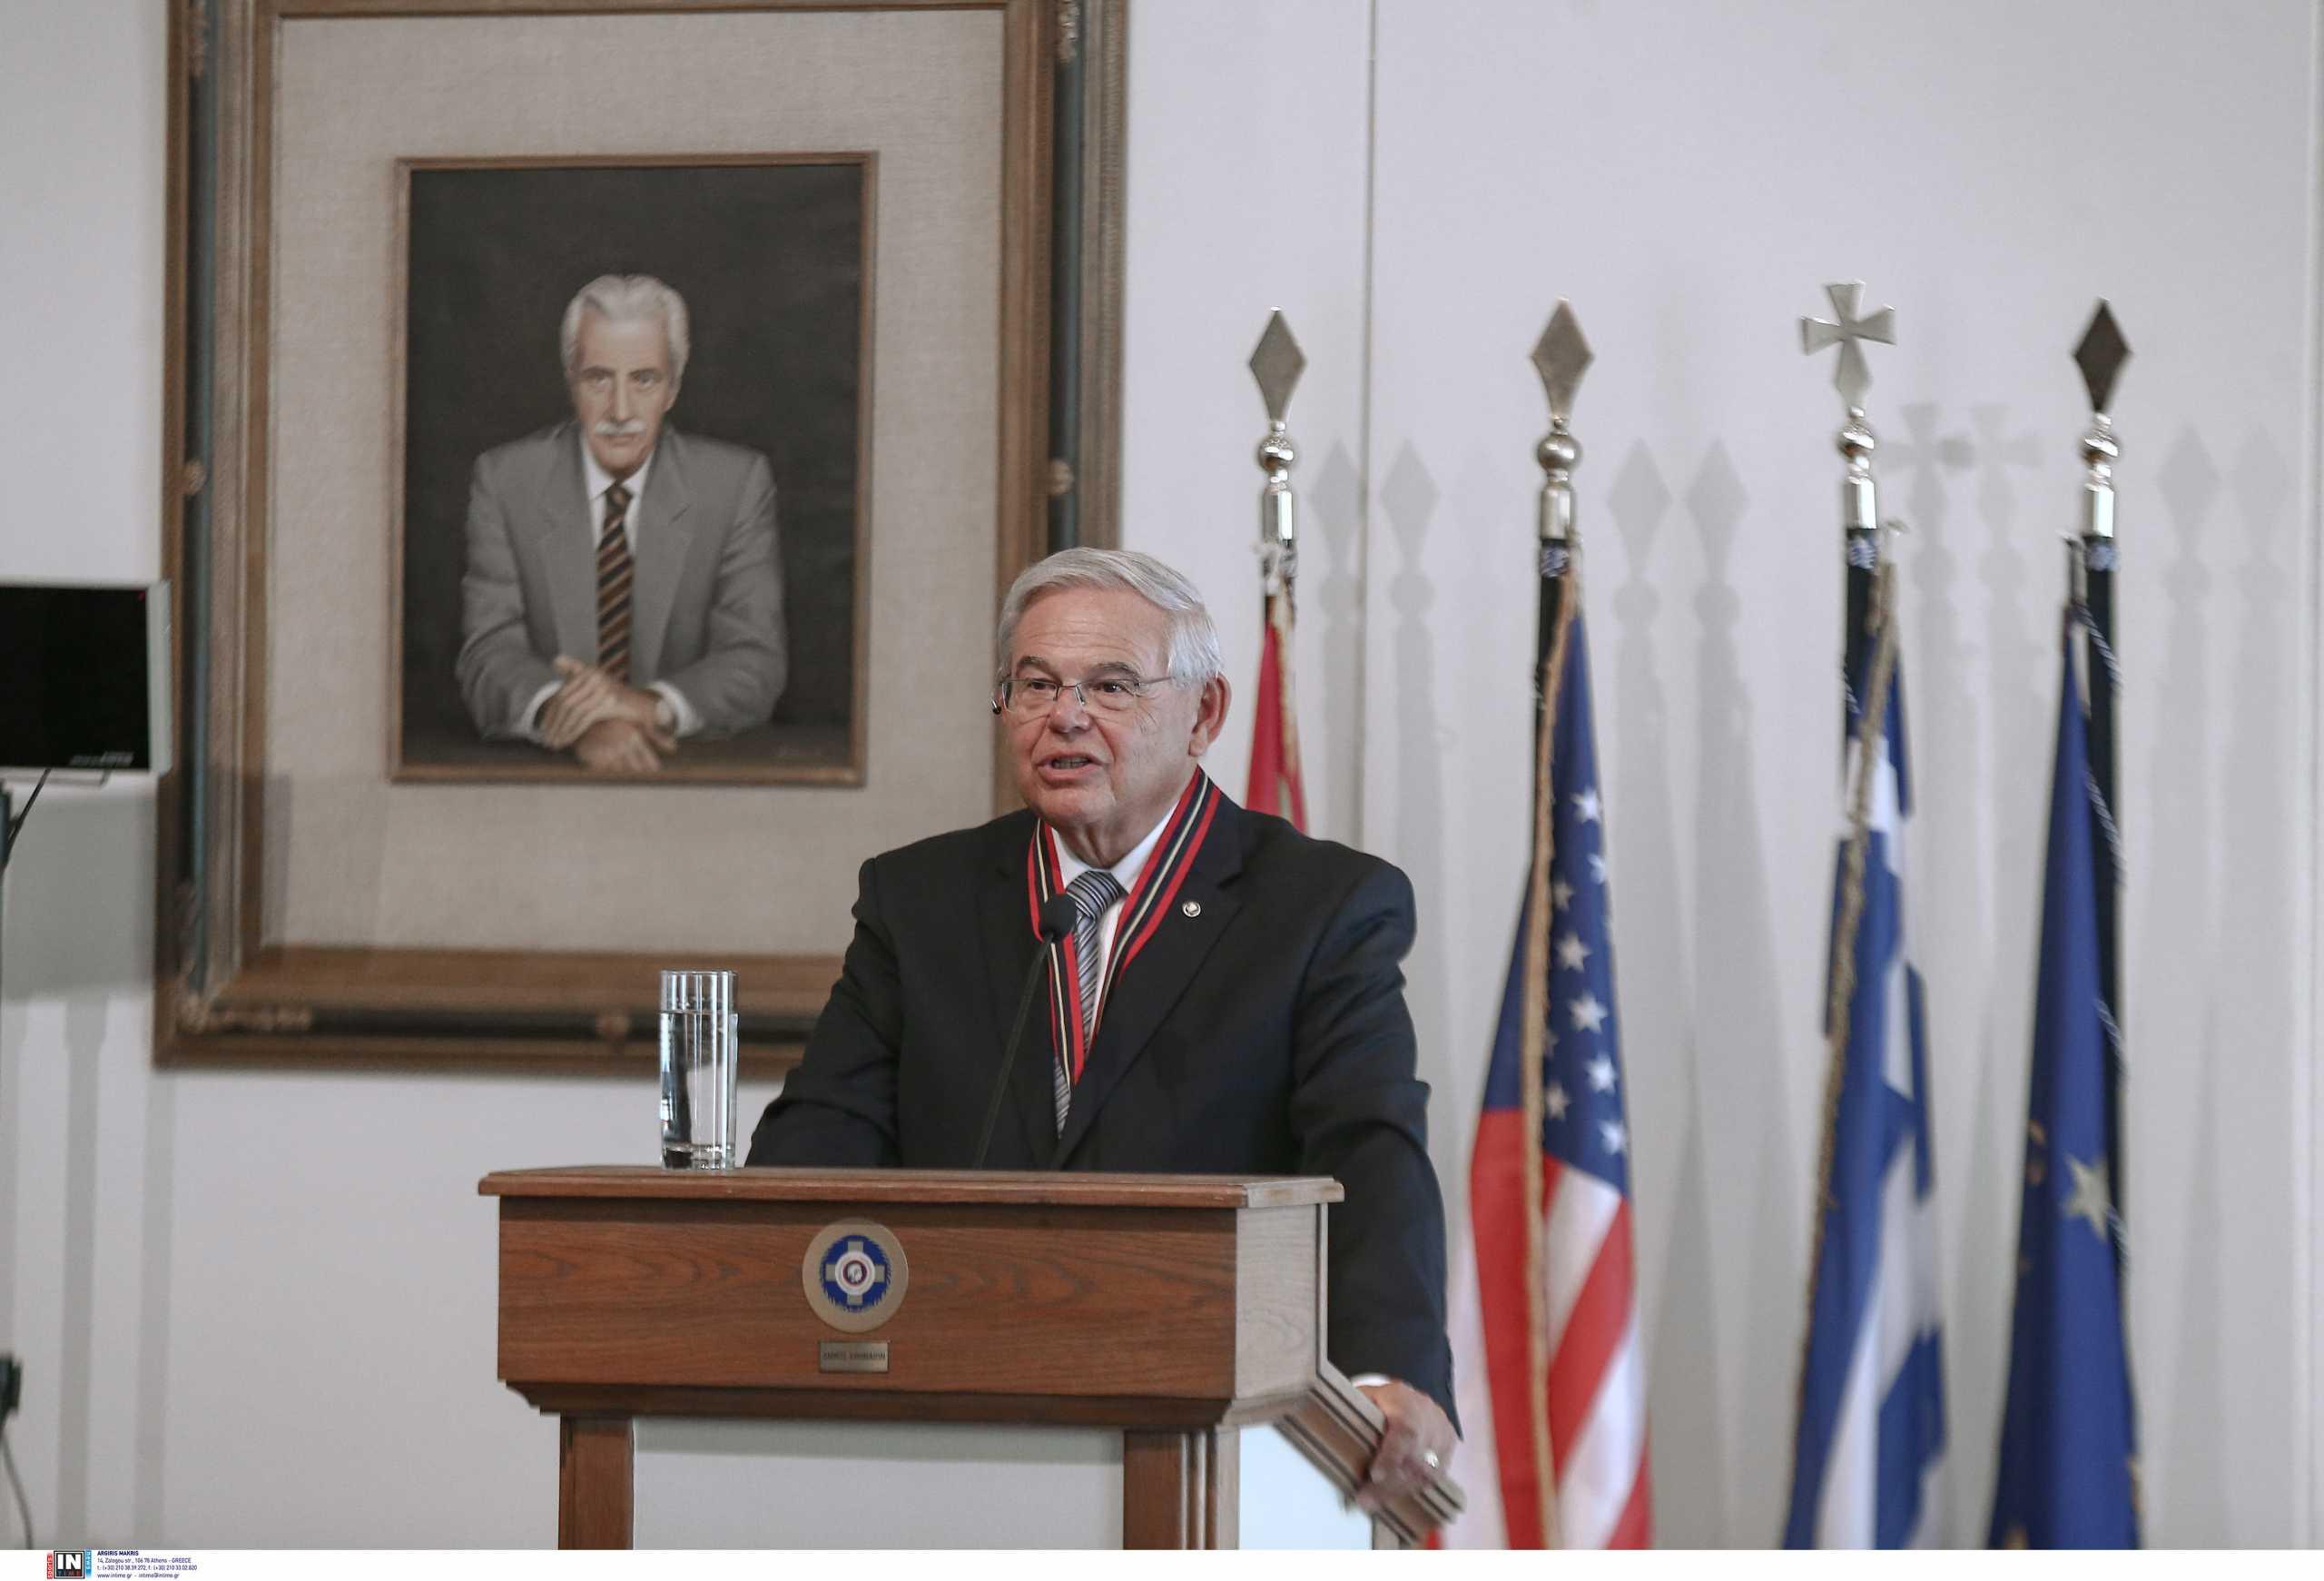 Ρόμπερτ Μενέντεζ: Η Ελλάδα είναι ένας ιδανικός εταίρος για τις ΗΠΑ